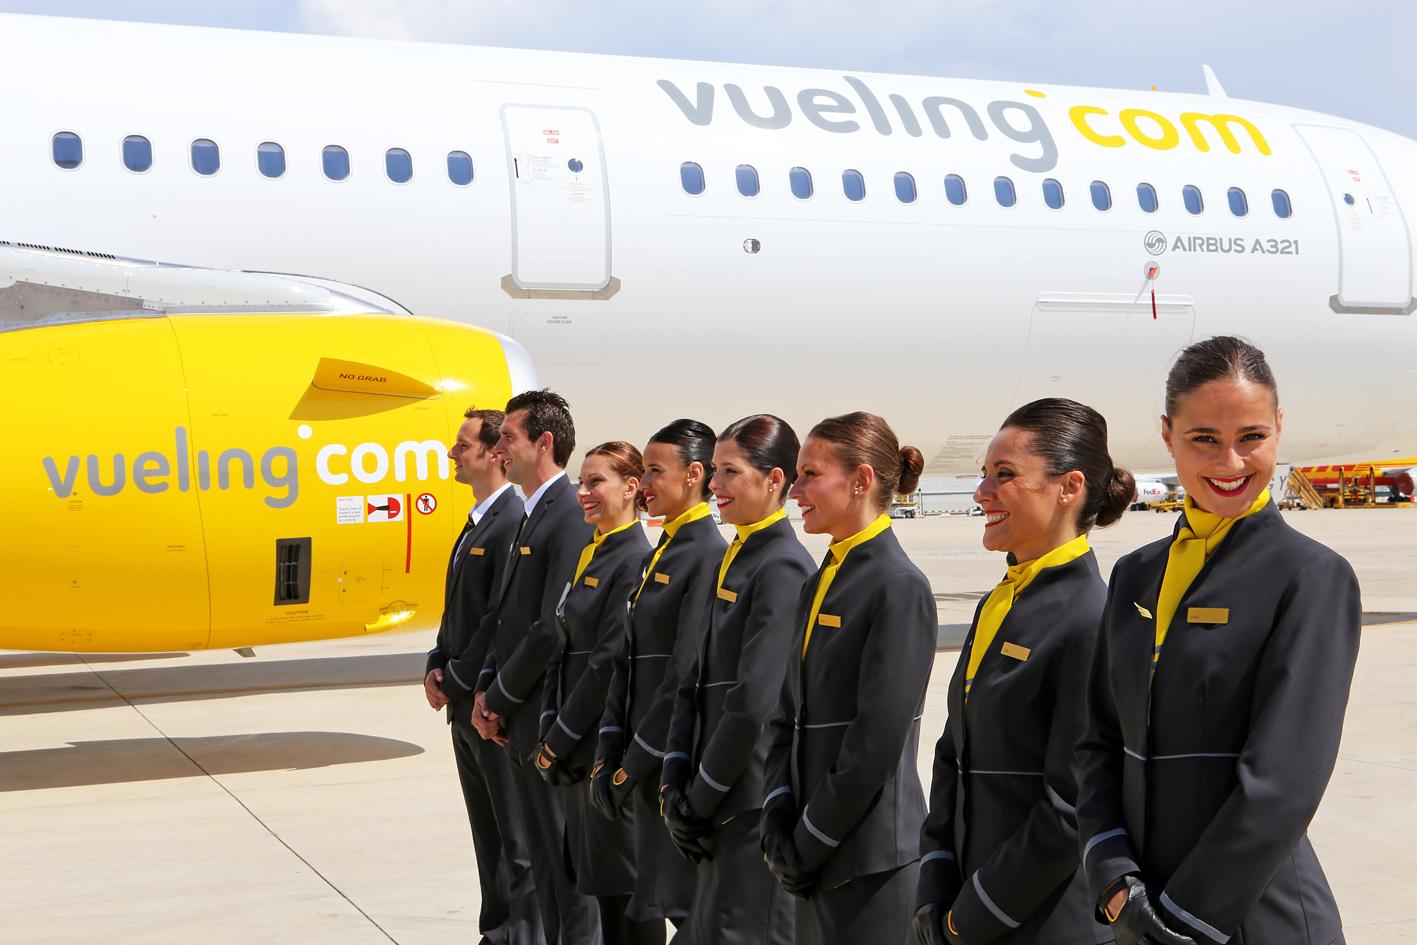 Официальный сайт компании vueling airlines на заставку для сайта компании